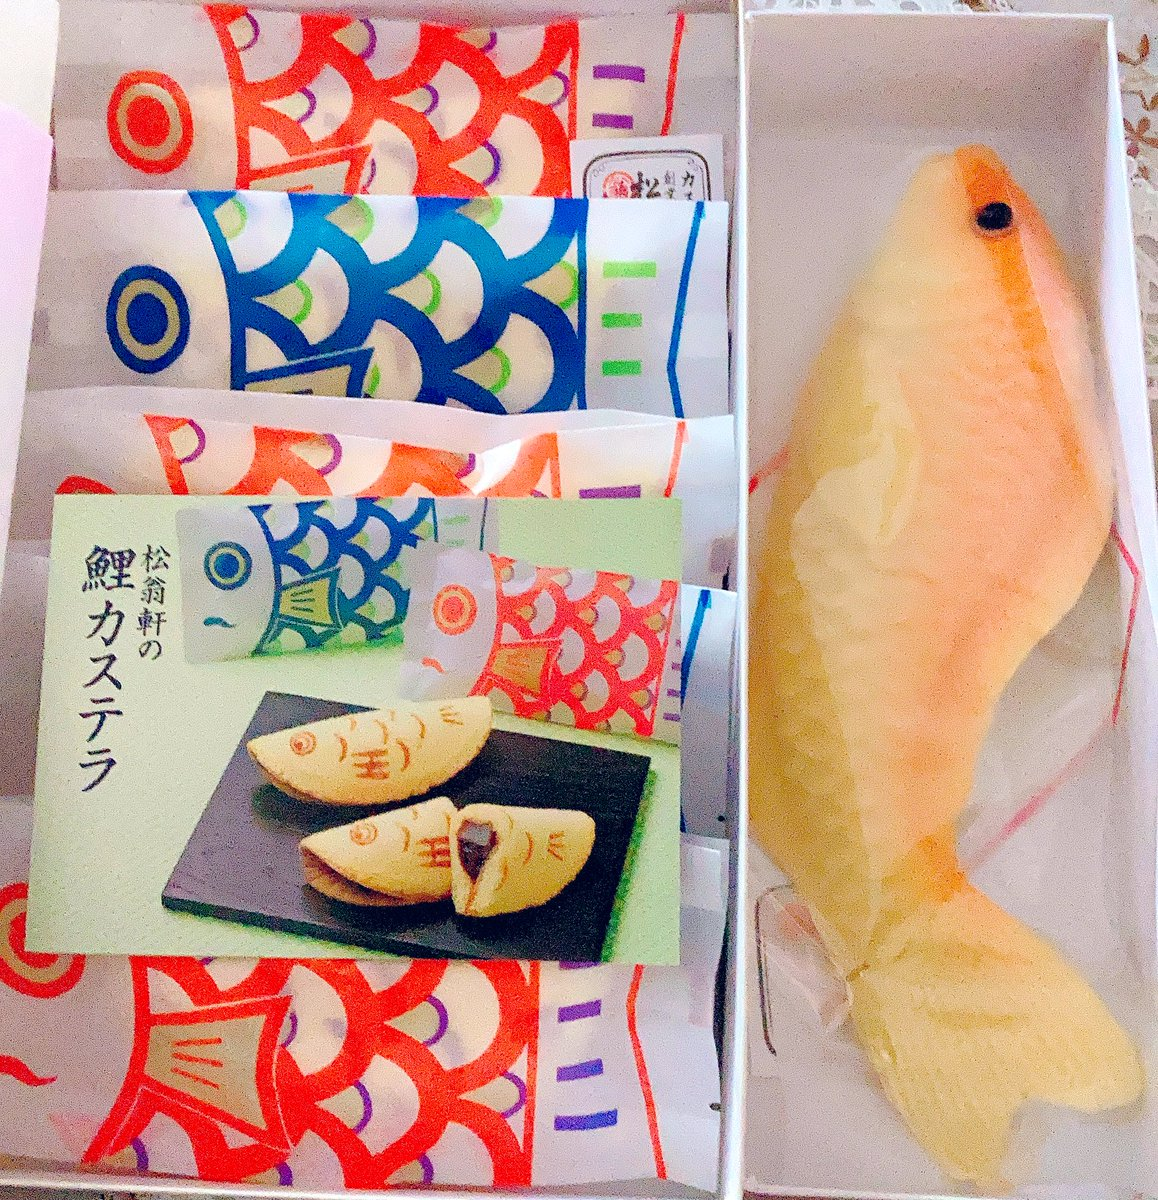 test ツイッターメディア - 今日は🎏子供の日🎏 長崎には鯉カステラや鯉菓子があります! 子供の健やかな成長と出世を願う象徴とされてきた鯉💖 鯉カステラは厳選された国内産小豆つぶあんと求肥餅をカステラ生地で包んだ松翁軒300年余の伝統に培われた技と心で作りあげられています 鯉菓子は練り菓子でこしあんが入ってます✨ https://t.co/WsSR1knqD2